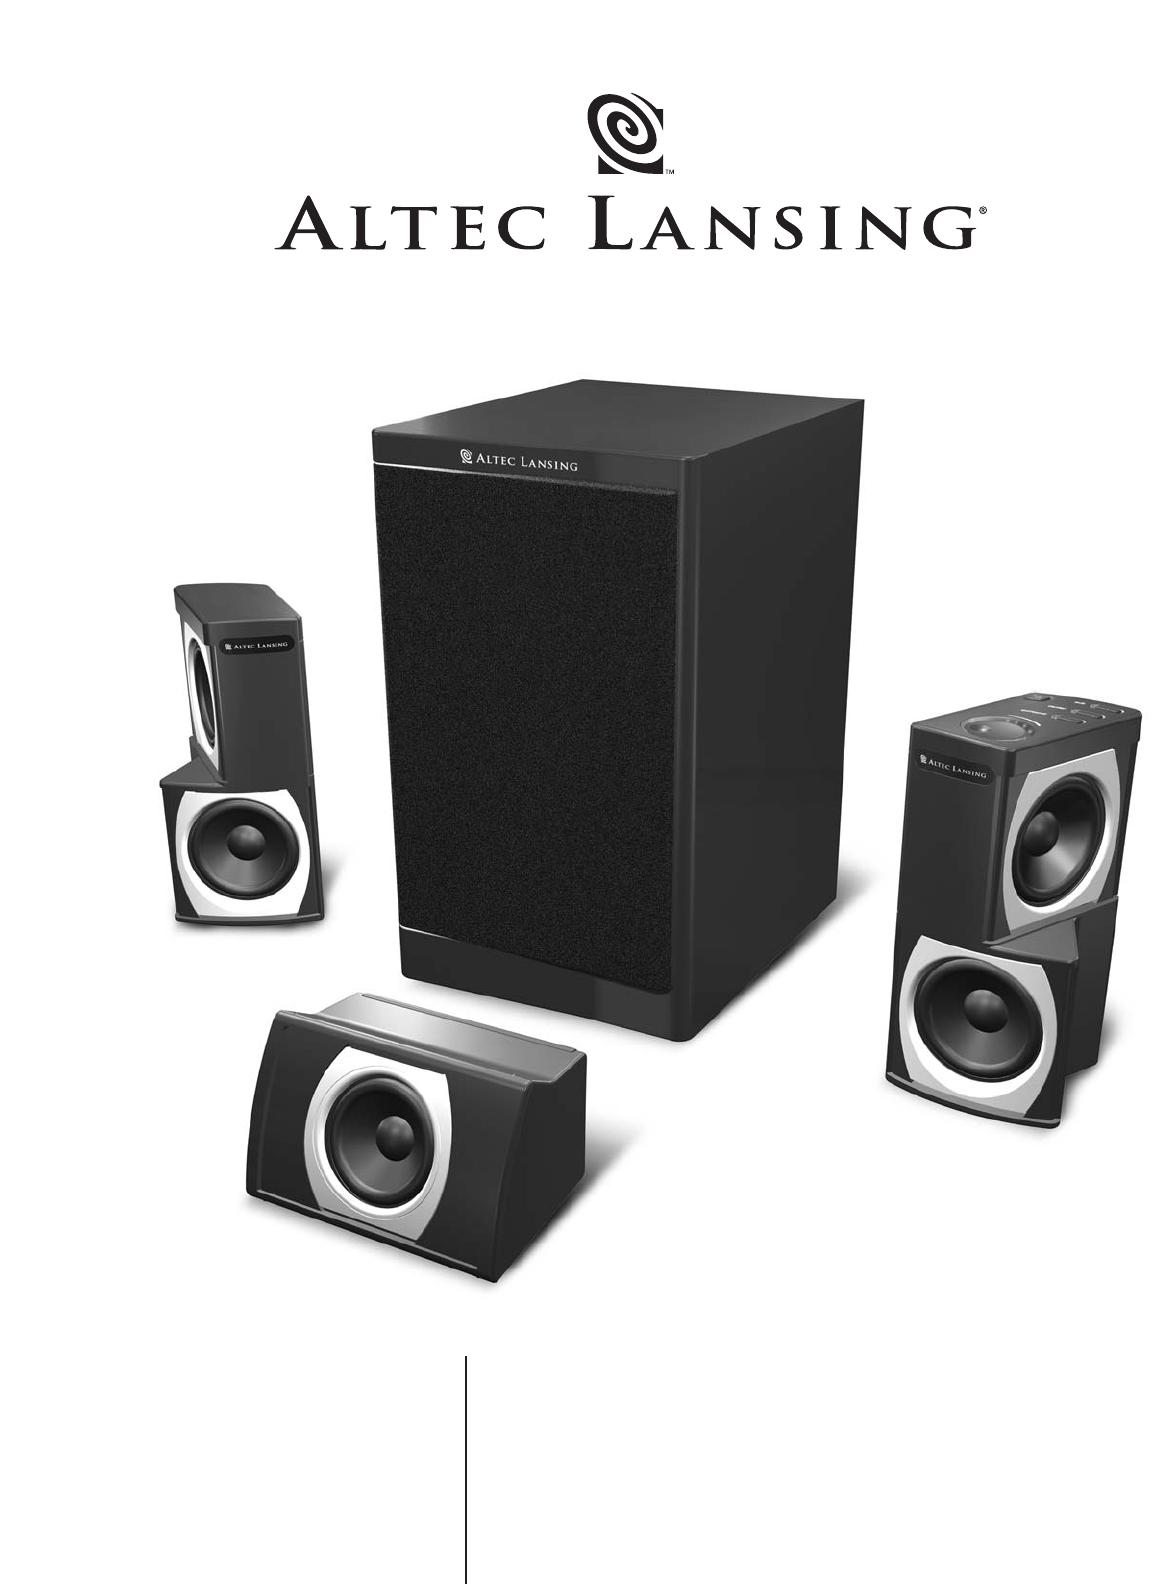 altec lansing speaker gt5051 user guide manualsonline com rh audio manualsonline com Altec Lansing Logo Altec Lansing Speakers